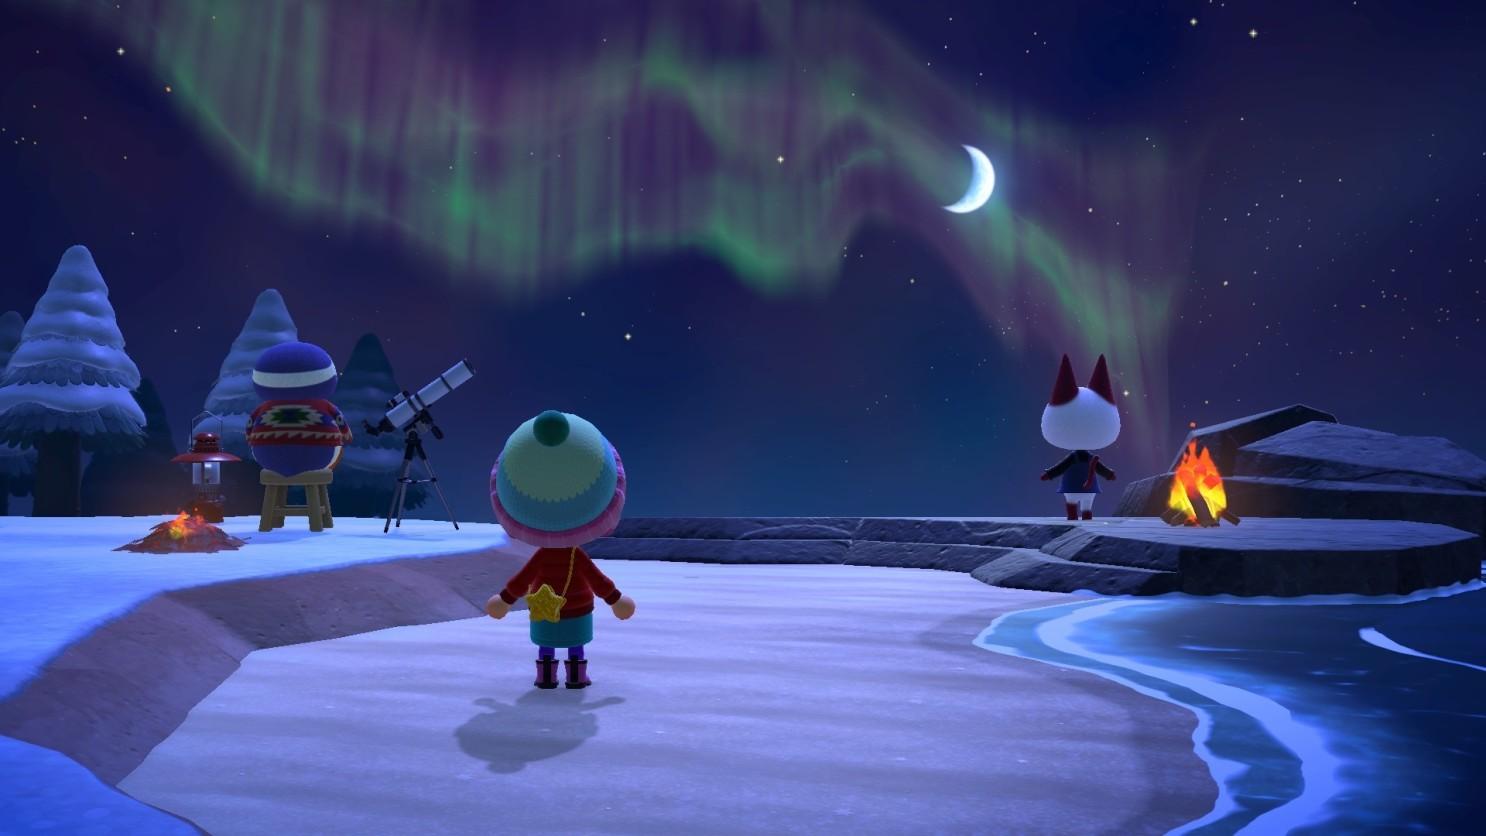 Nintendo опубликовала гайдлайны для продвижения в Animal Crossing